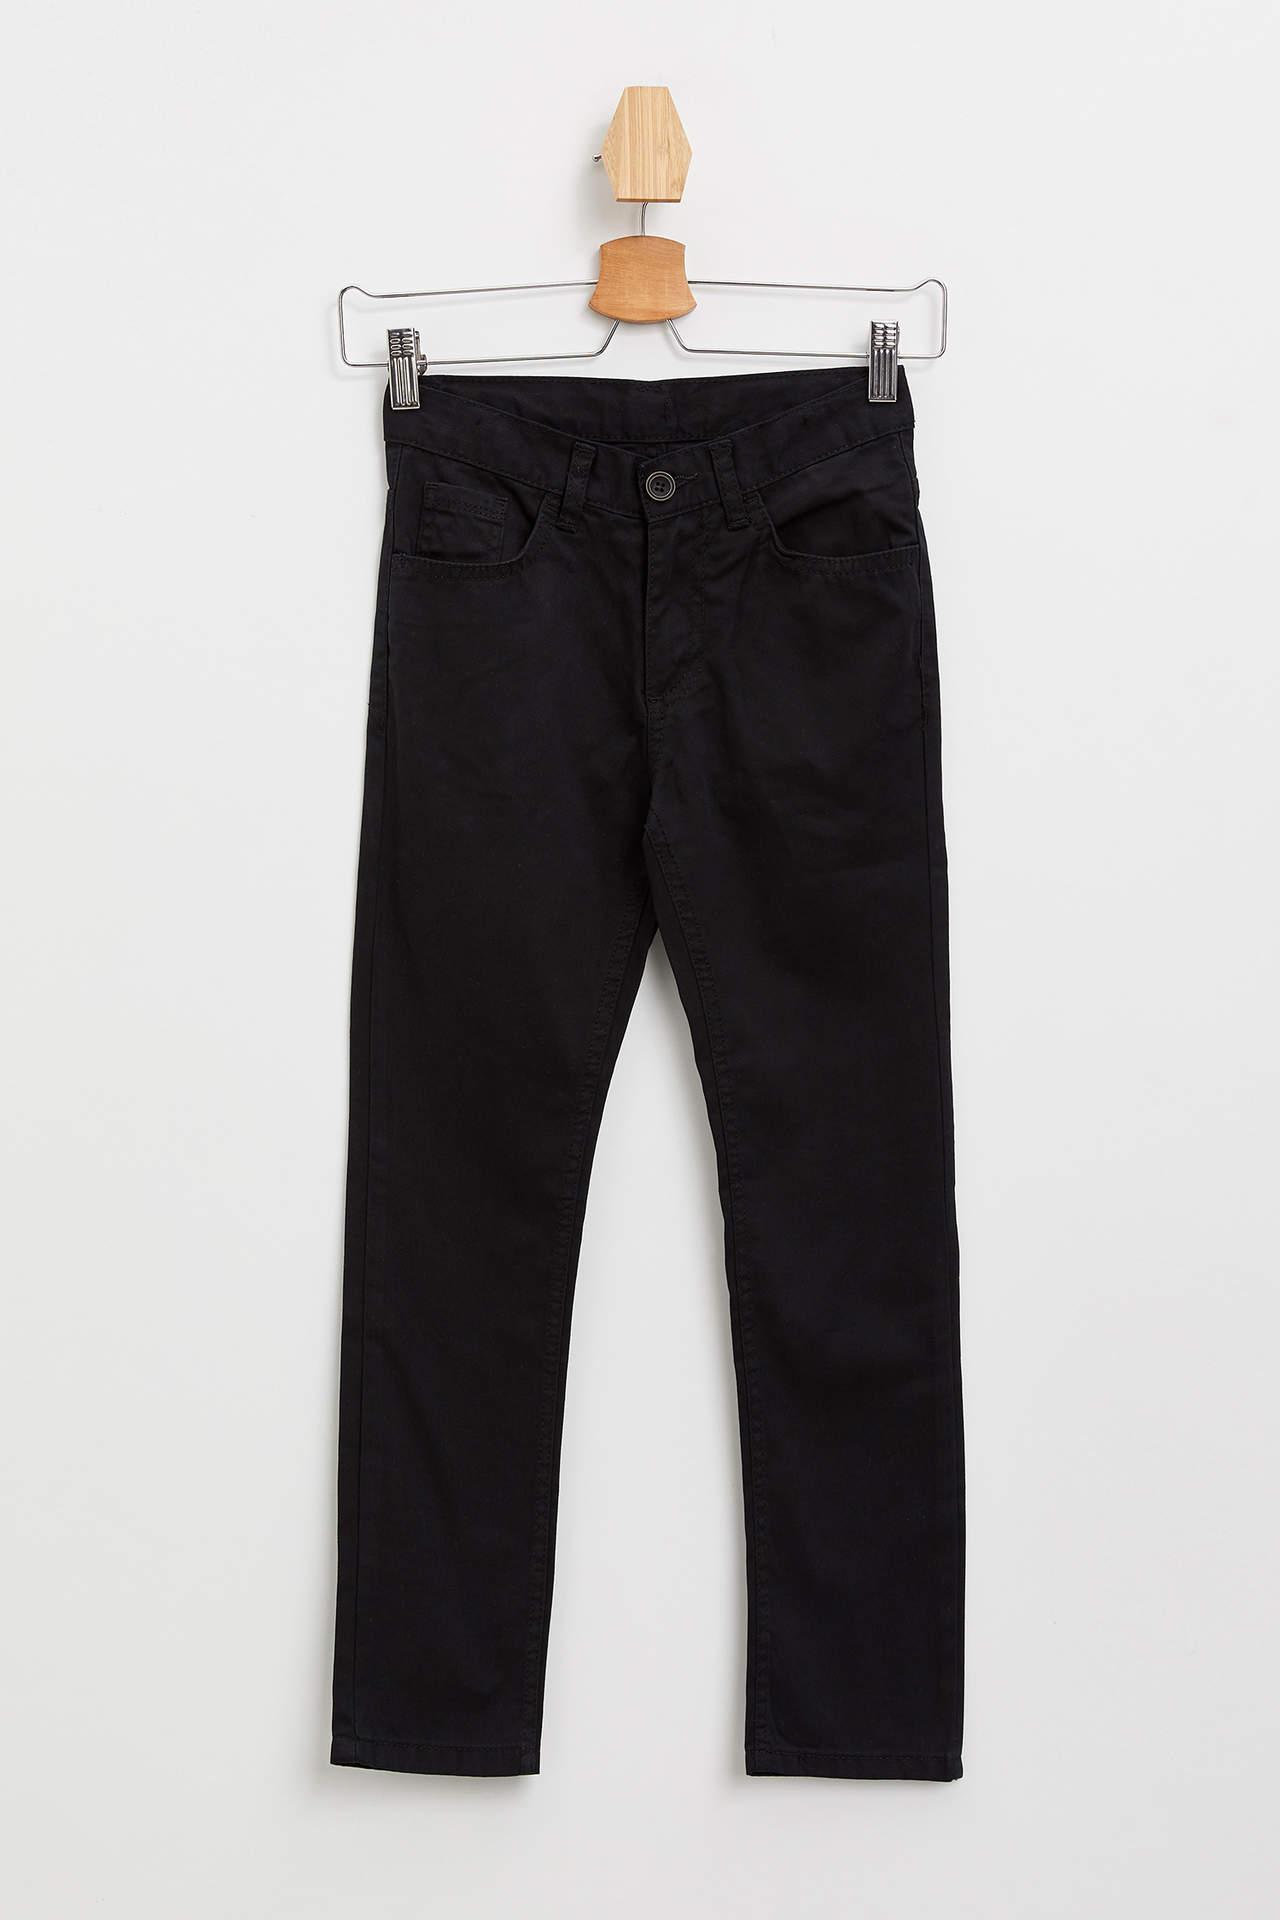 DeFacto Erkek Çocuk Basic Gabardin Pantolon Siyah male